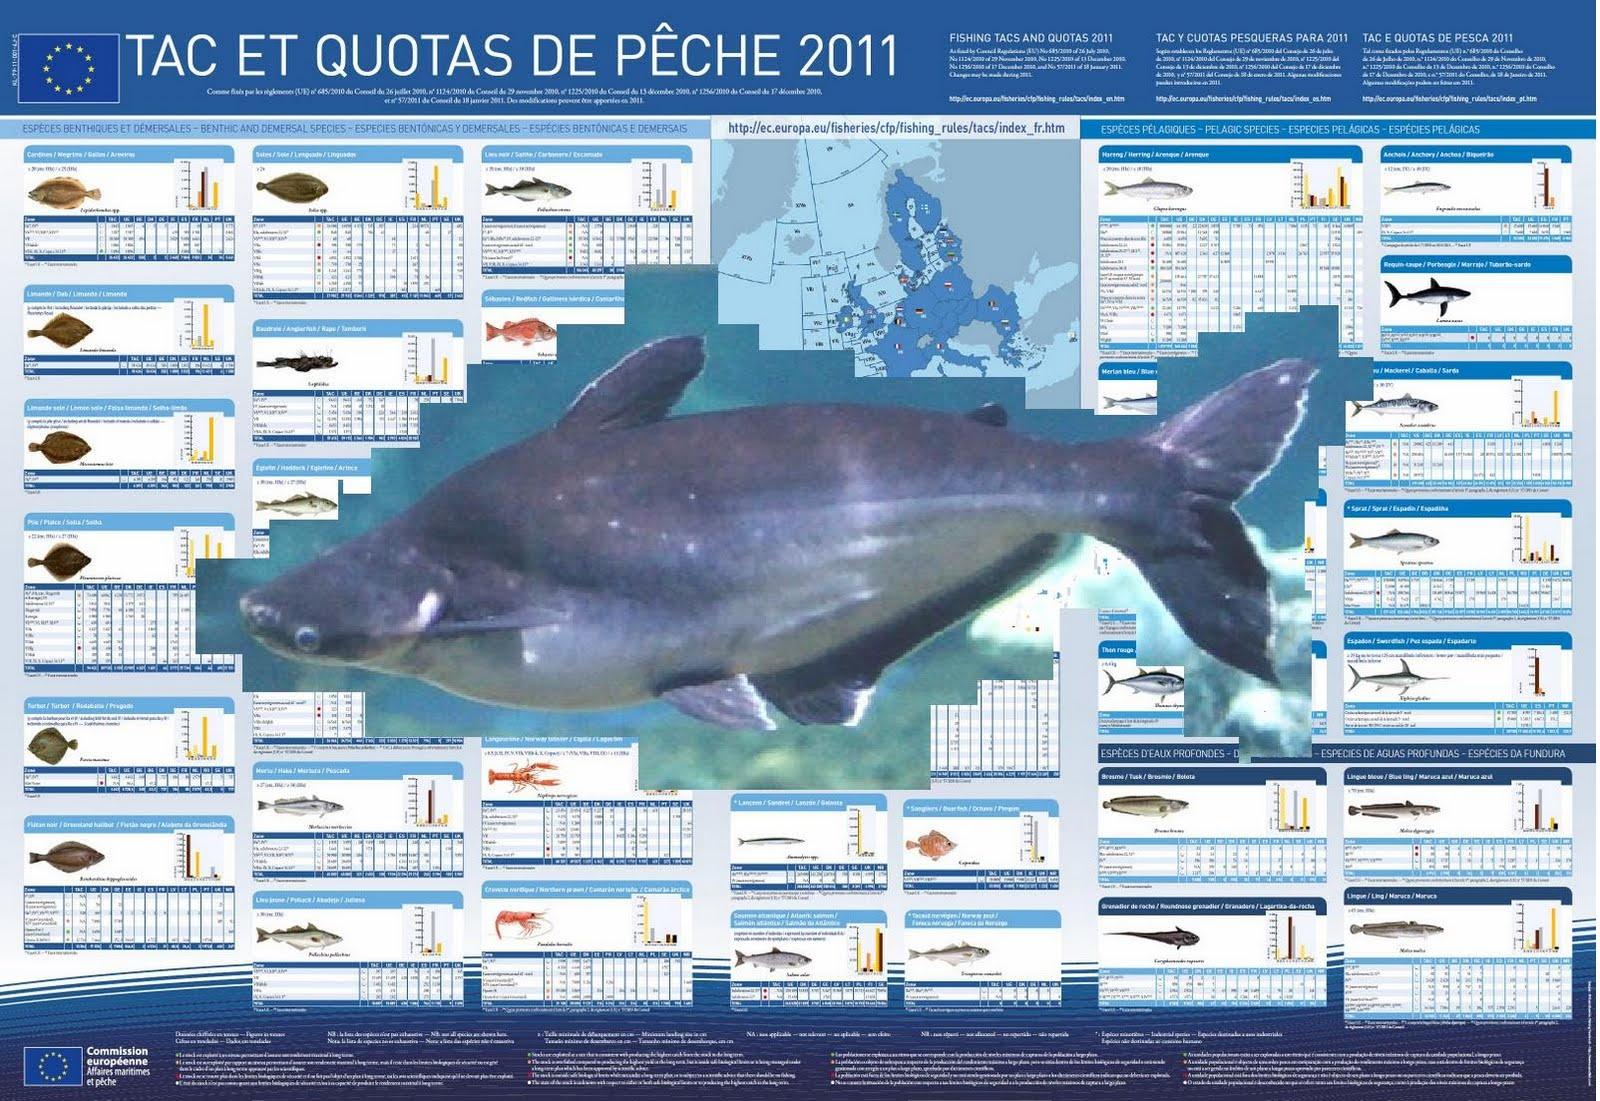 Panga la guerre du poisson blanc sur le march europ en for Achat poisson rouge paris 15